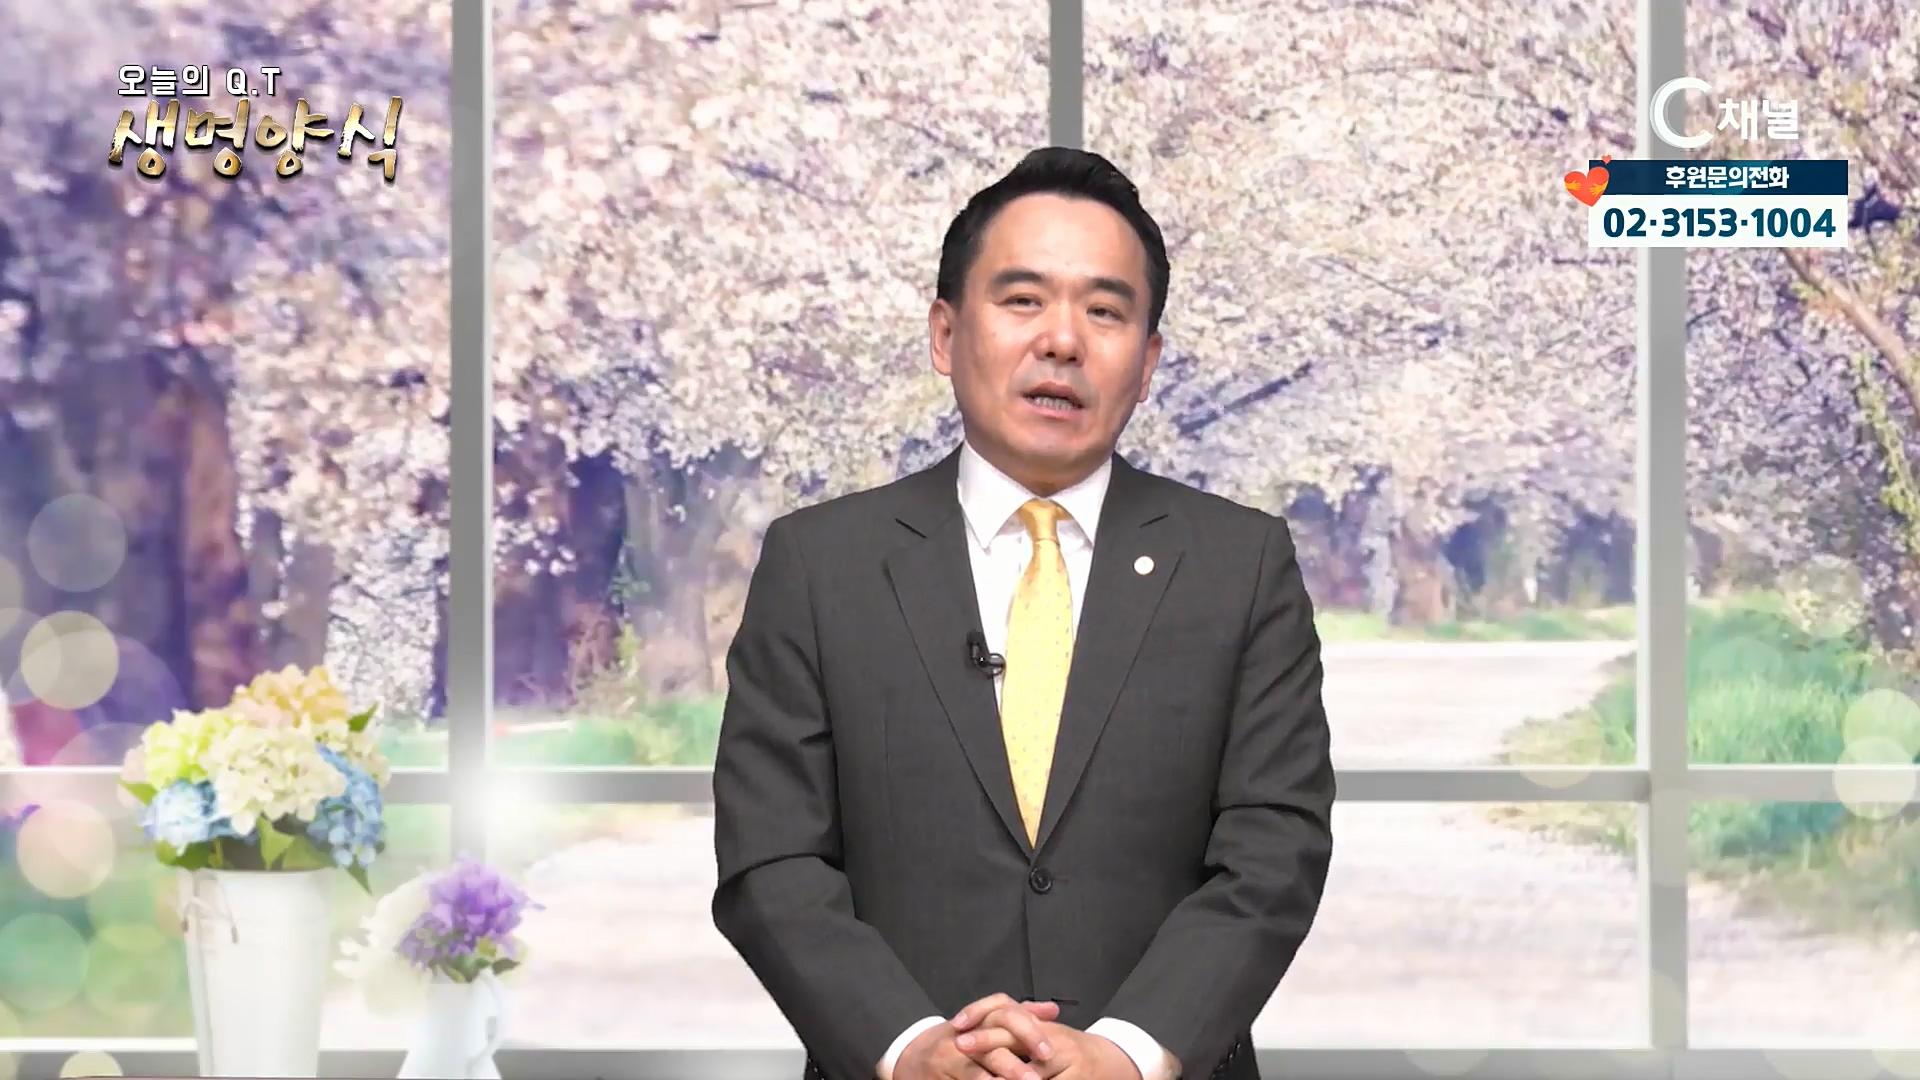 오늘의 Q.T 생명양식 38회